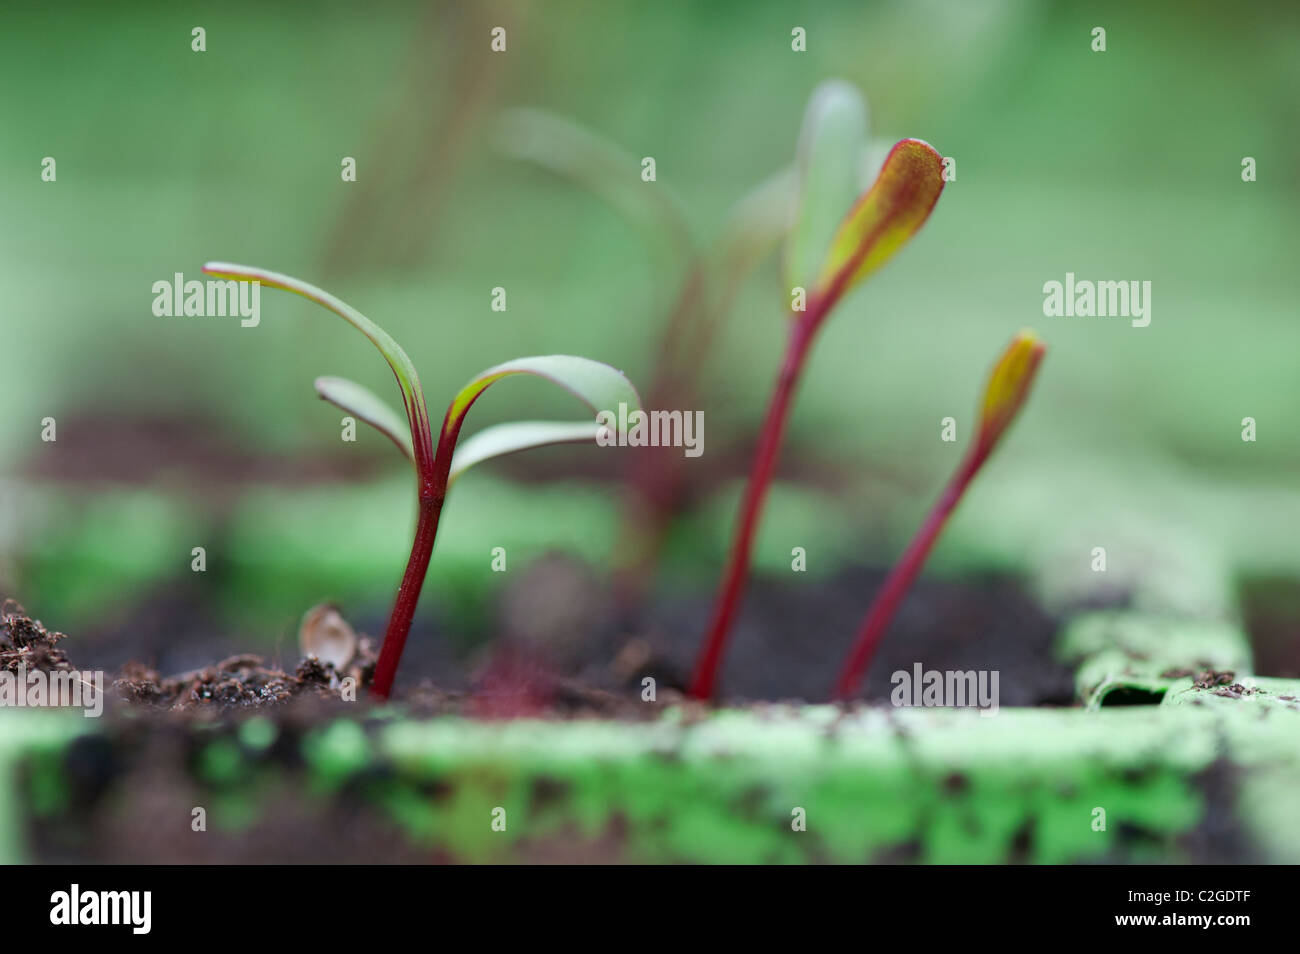 Beta vulgaris. Cultiver des plants de betterave Photo Stock